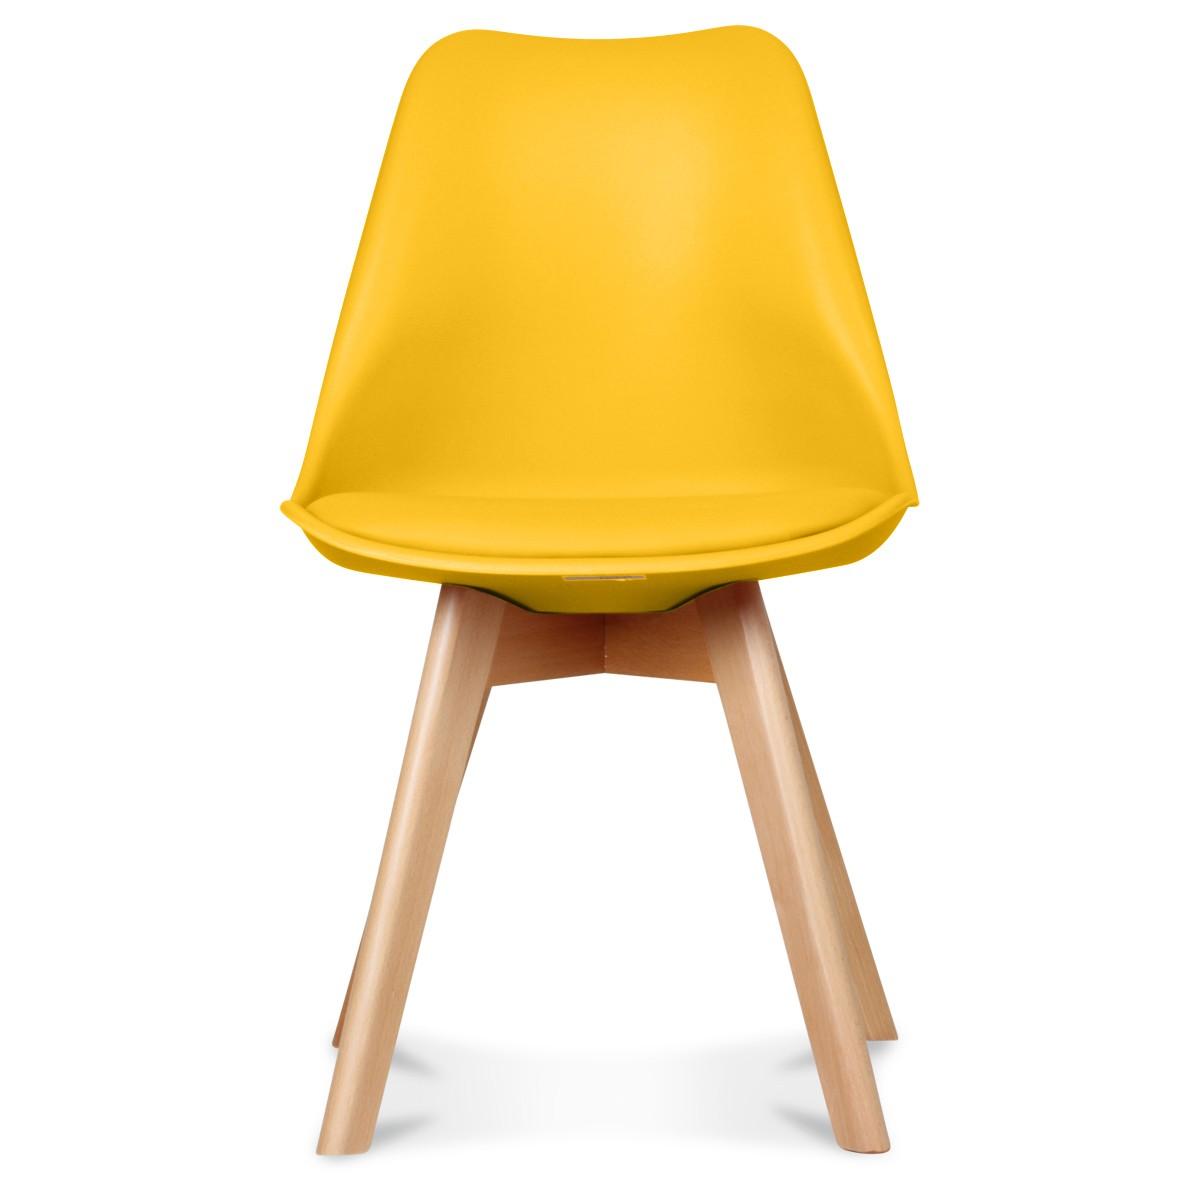 chaise design scandinave jaune scandy couleur jaune matiere plas. Black Bedroom Furniture Sets. Home Design Ideas